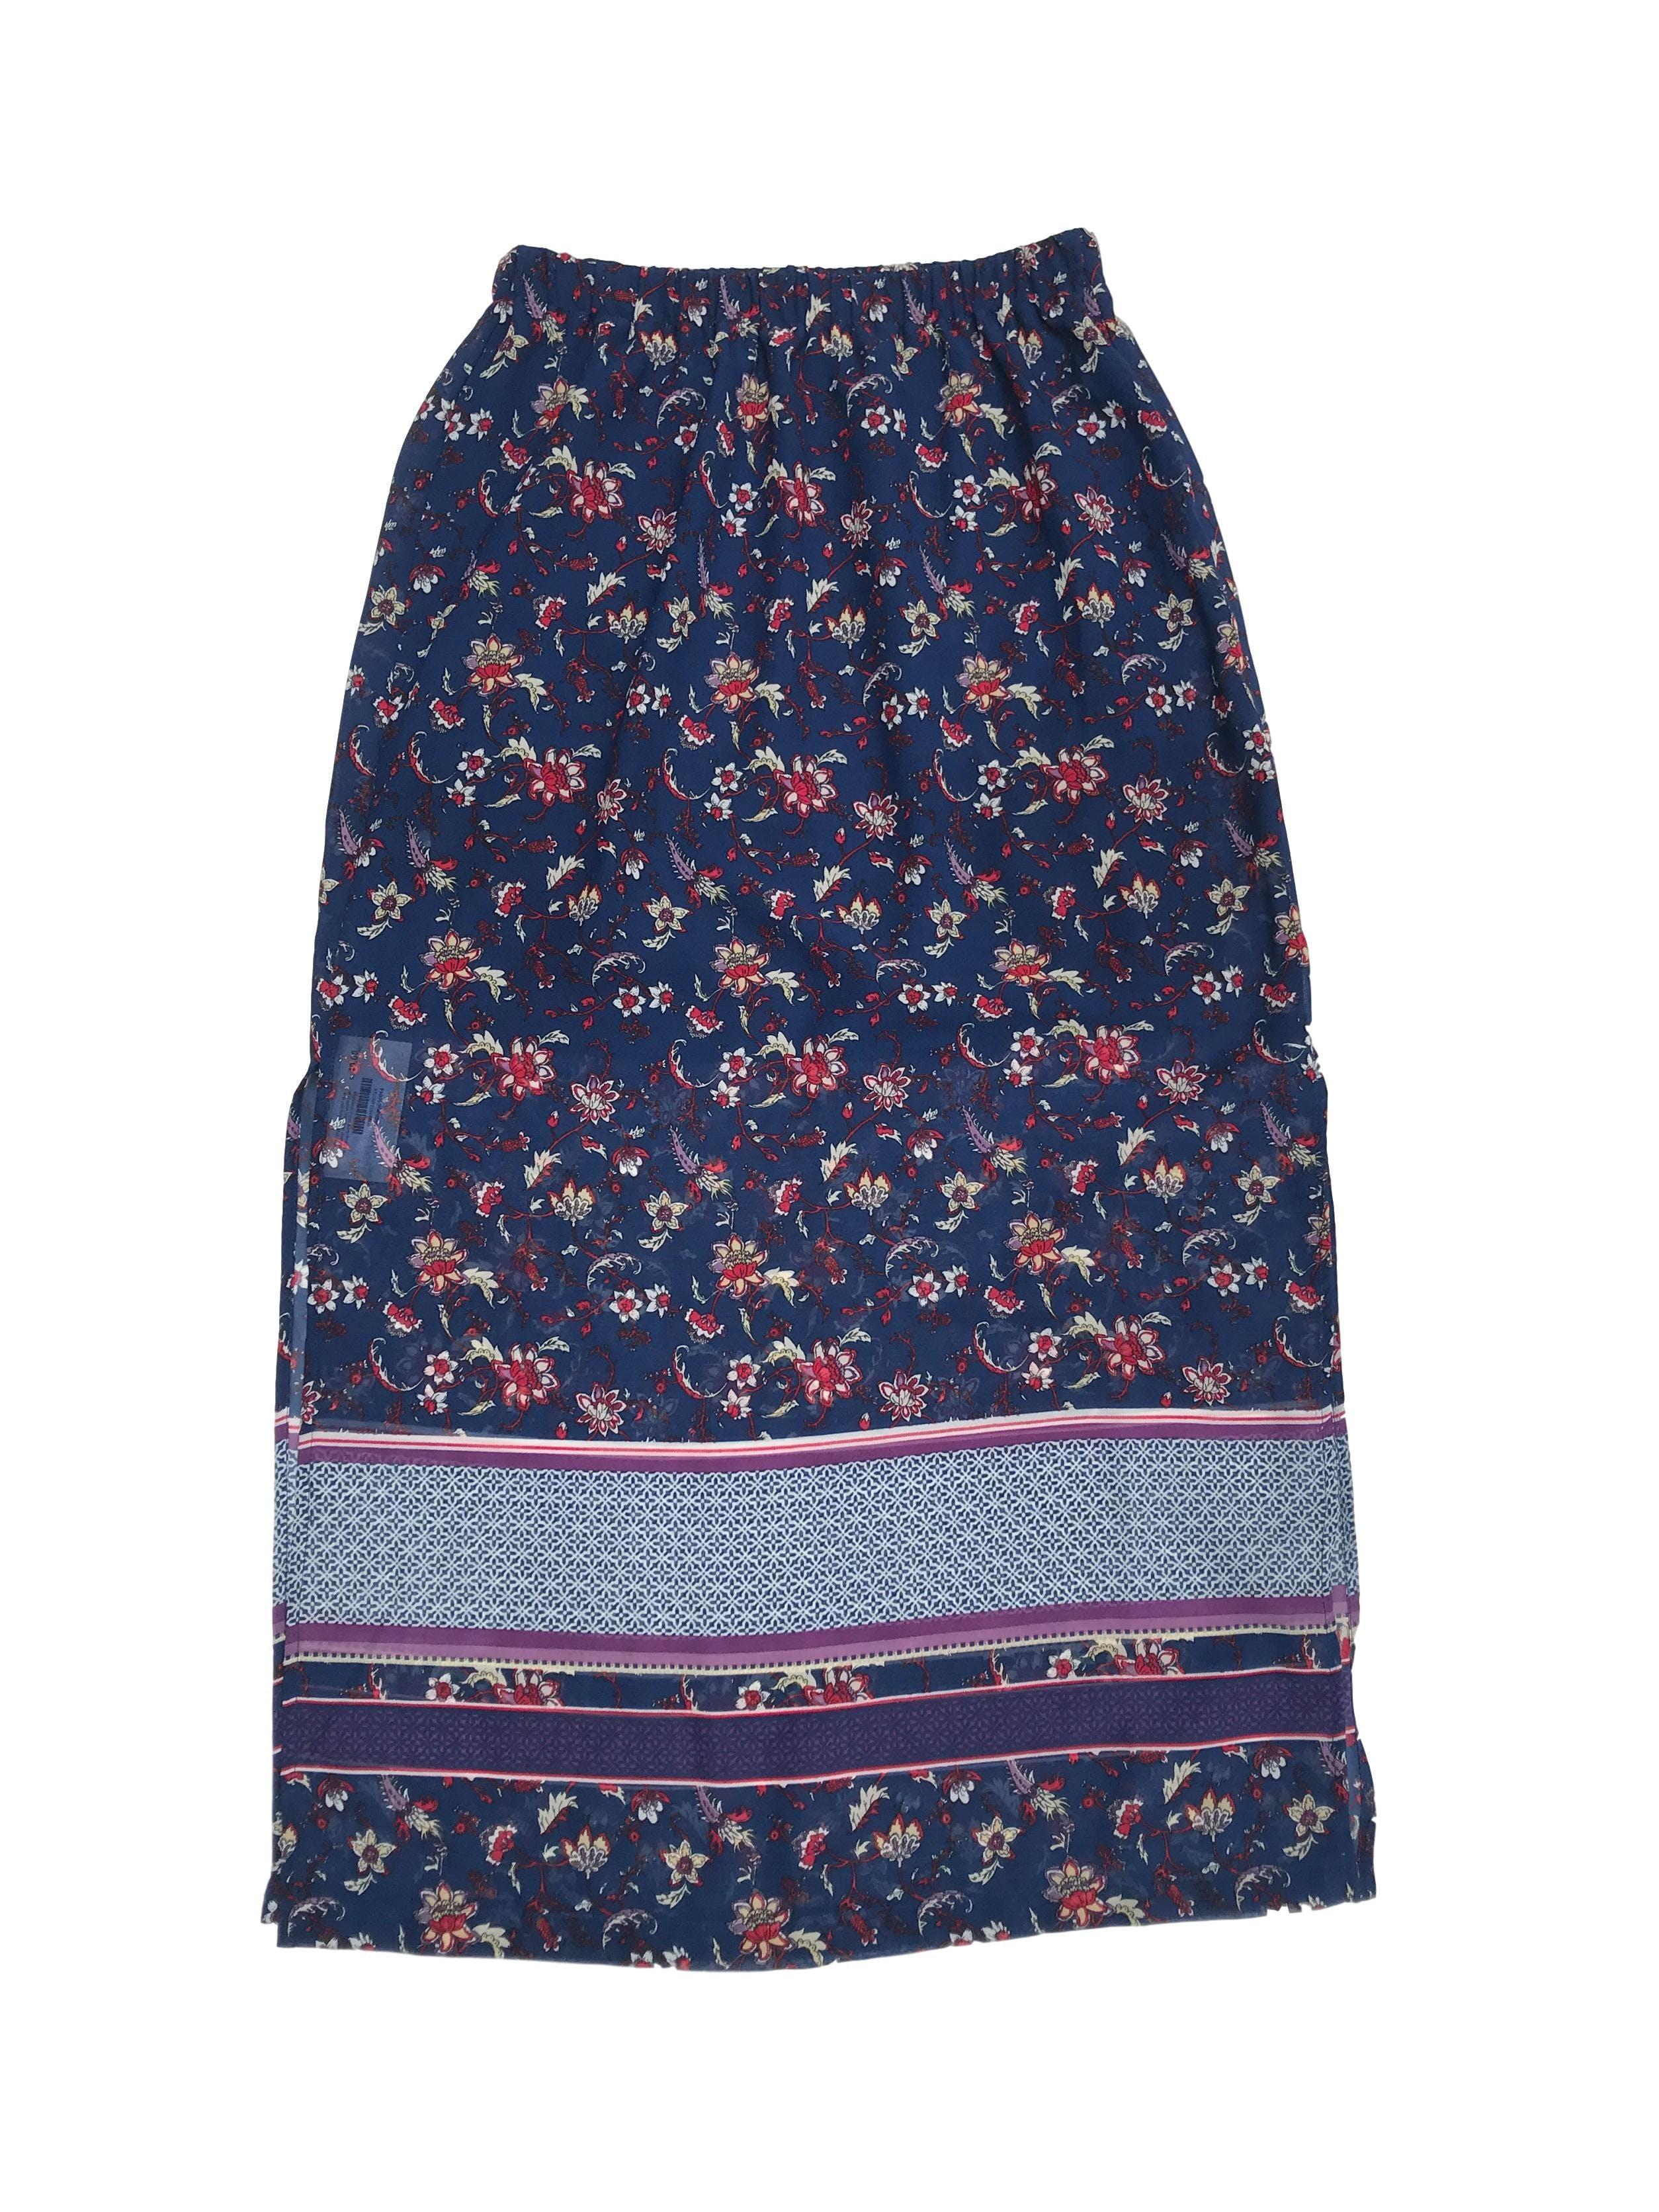 Falda larga de gasa azul con estampado de flores, elástico en la cintura, forro mini y aberturas laterales. Largo 90cm